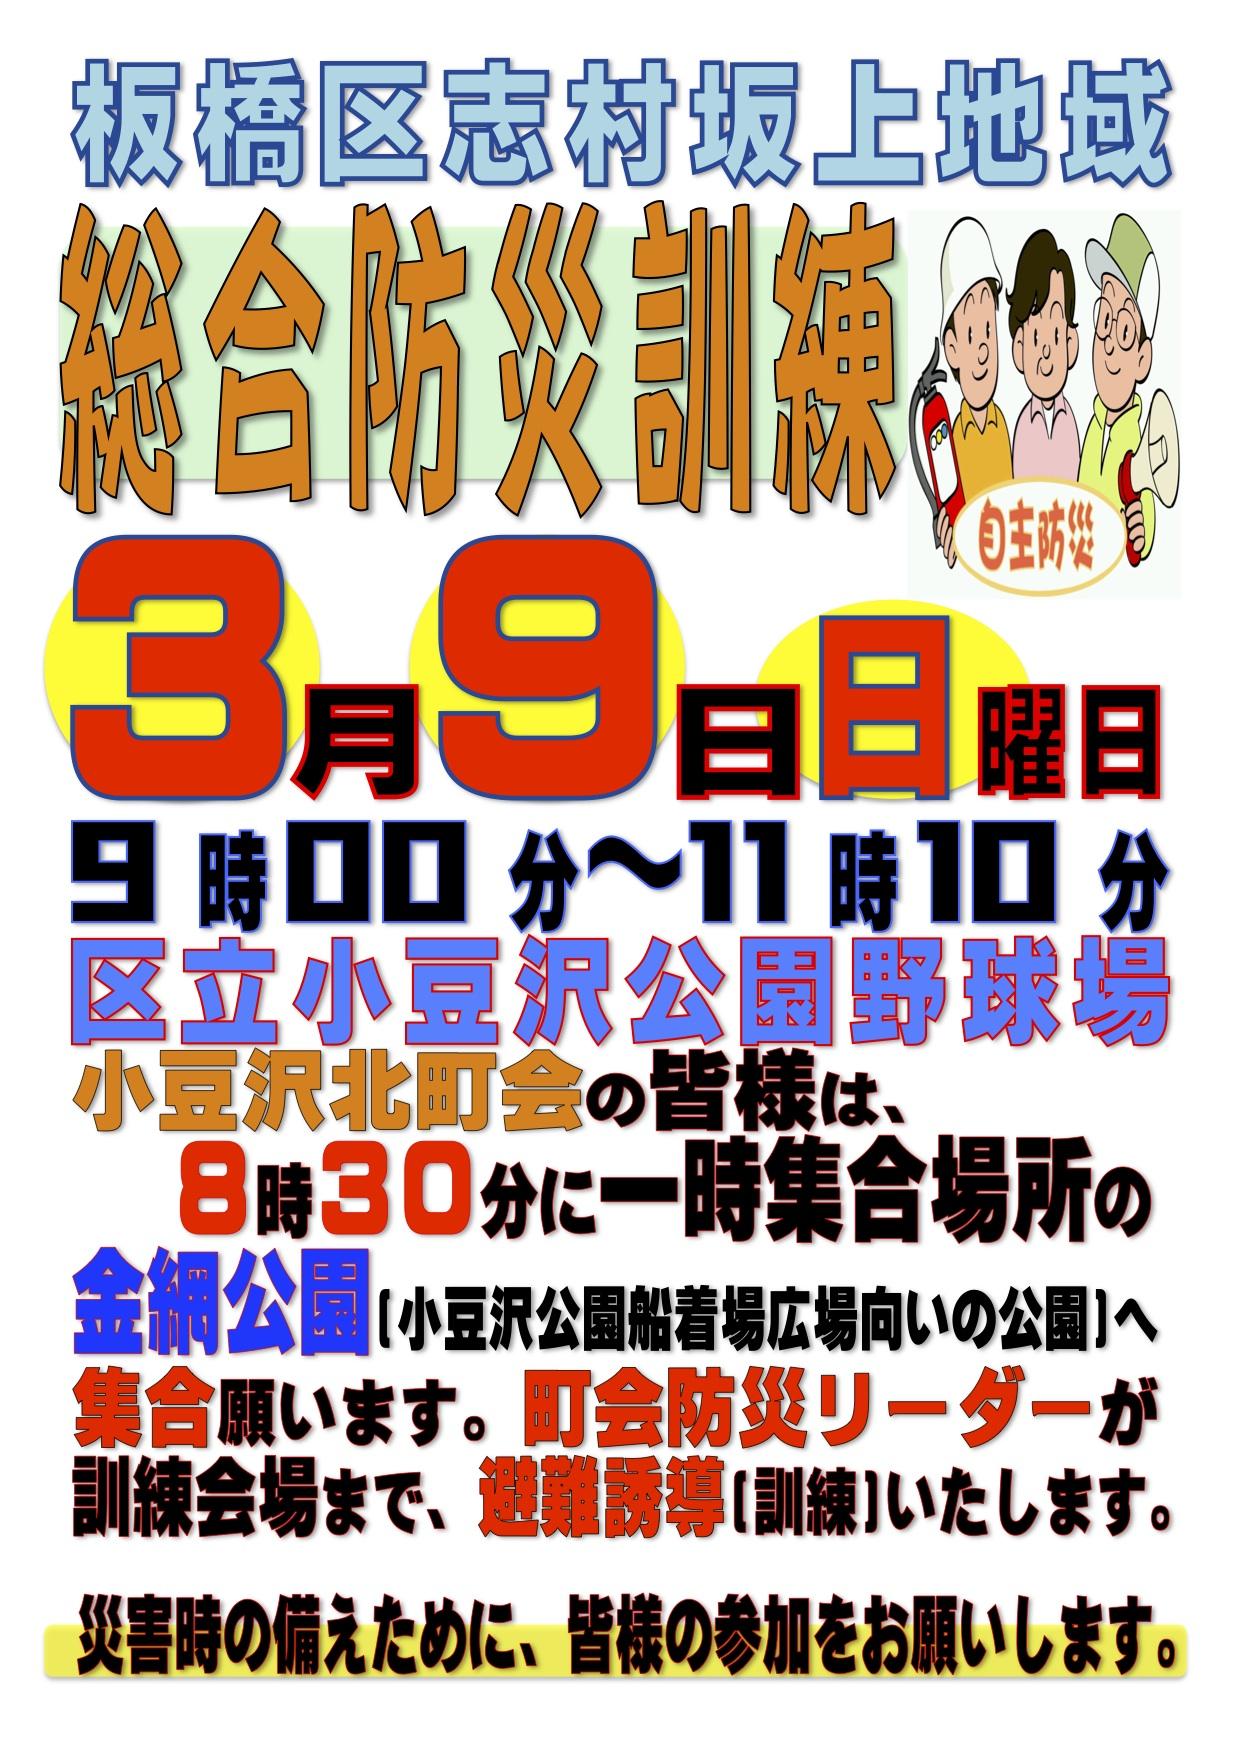 2014年3月9日板橋区総合防災訓練